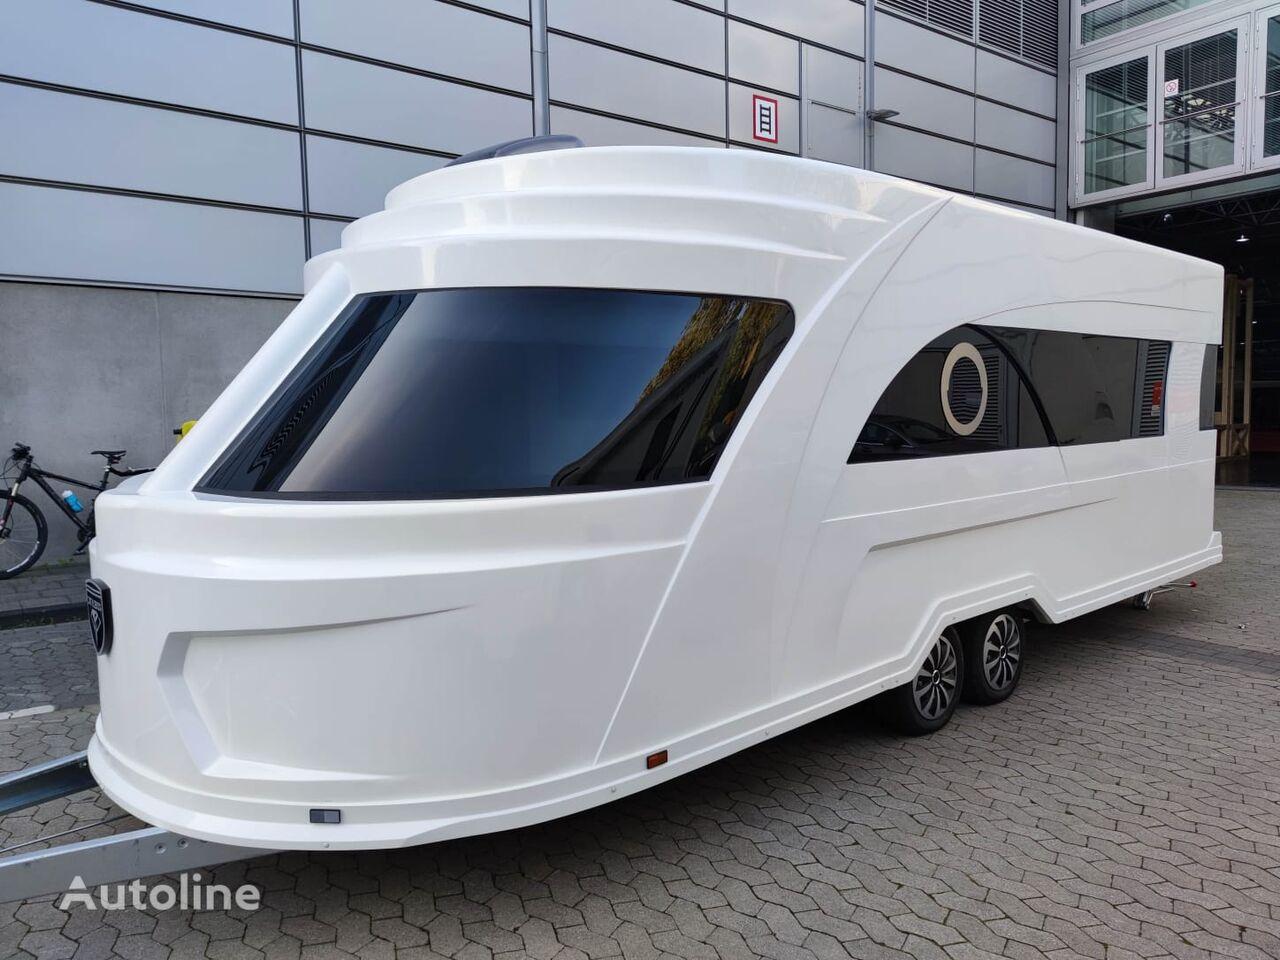 nieuw Derubis DERUBIS Series 7 / Monocoque / Wohnwagen wie eine Yacht caravan